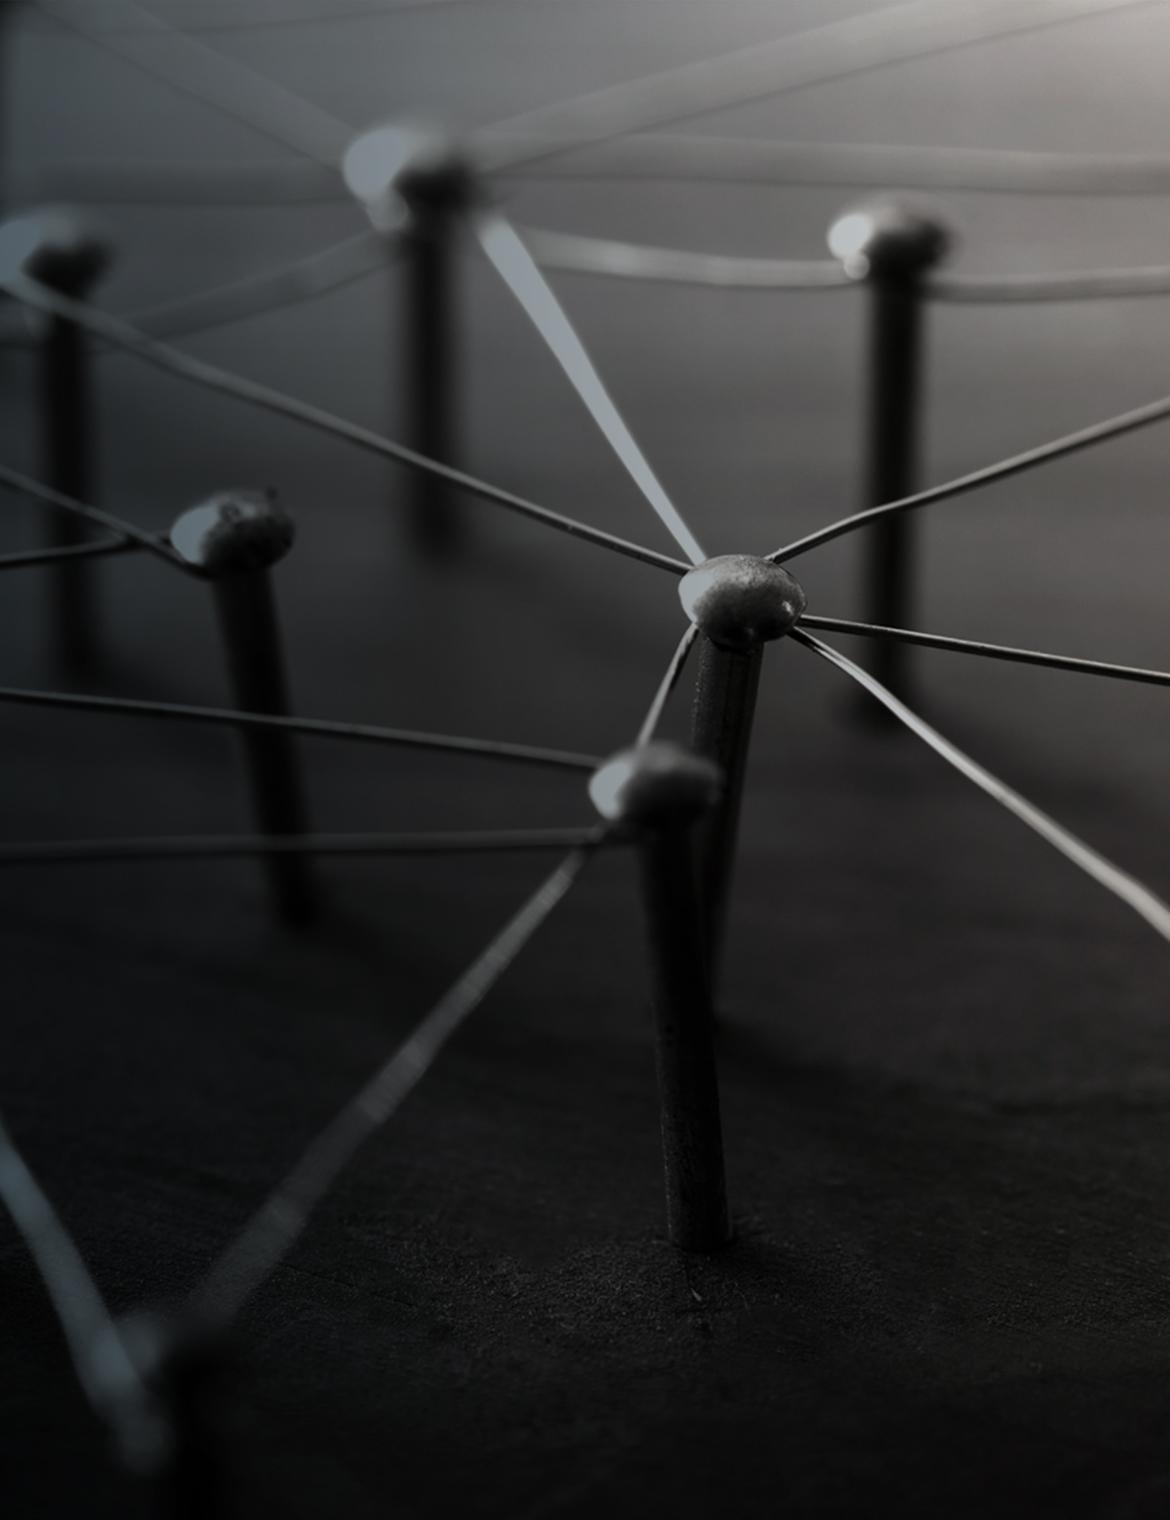 Die Vernetzung der Industrie 4.0 dargestellt mittels verbundenen Nägeln.